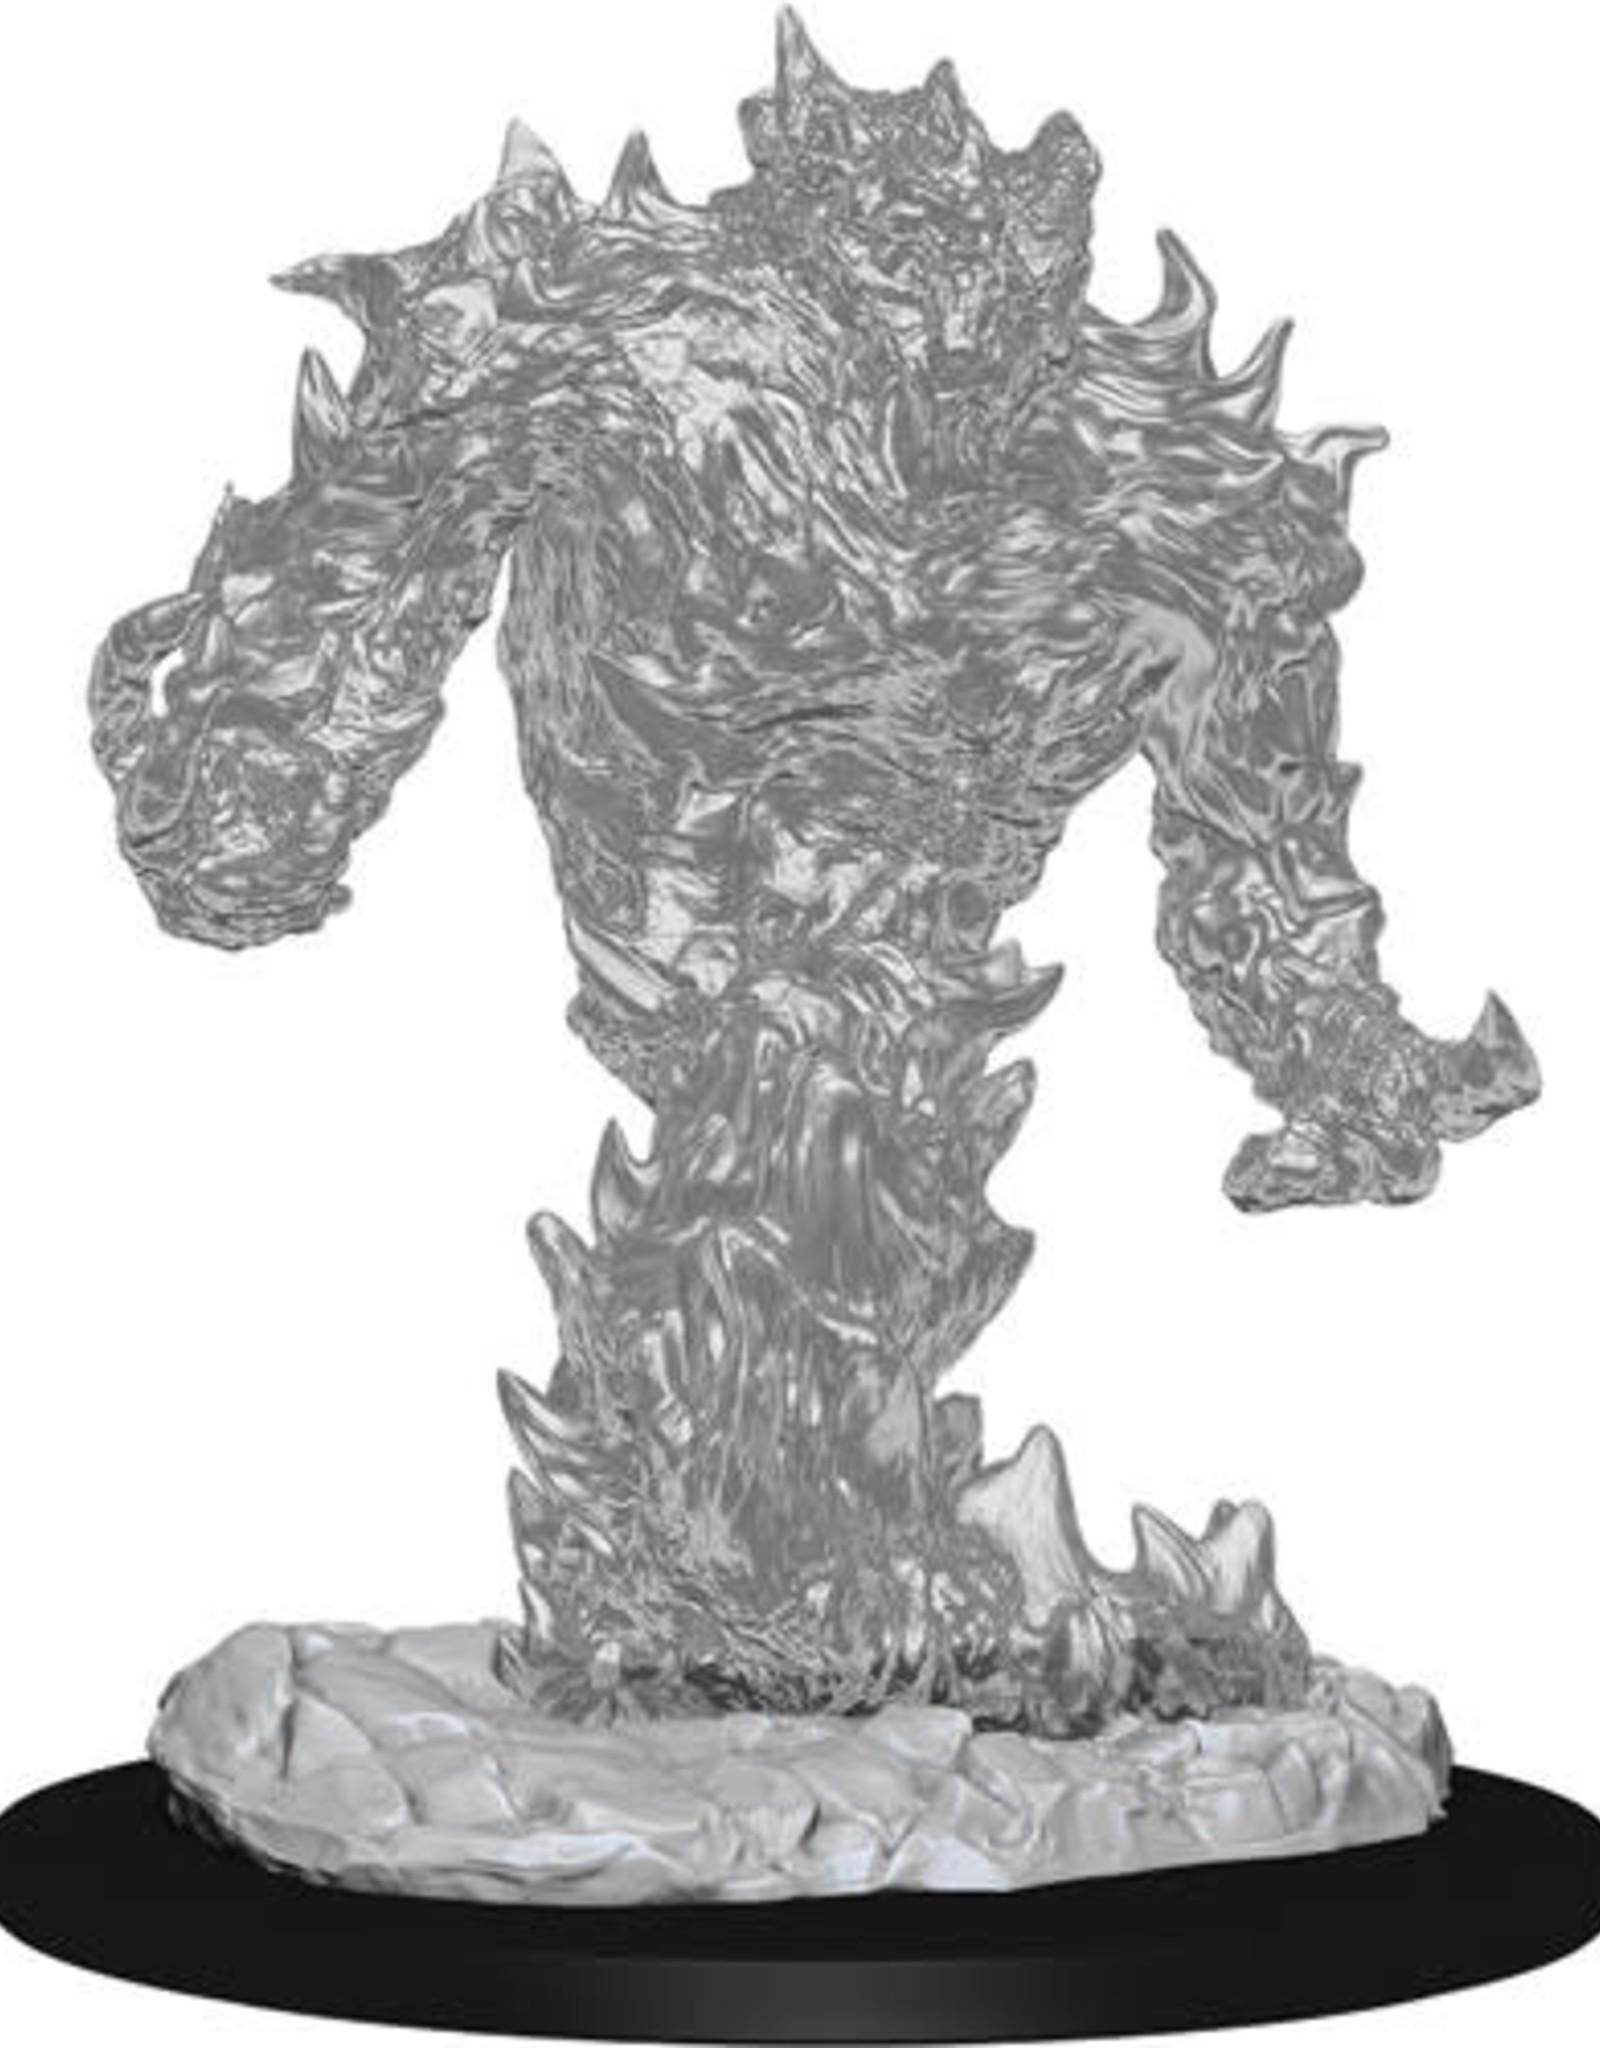 WizKids D&D Nolzur Fire Elemental